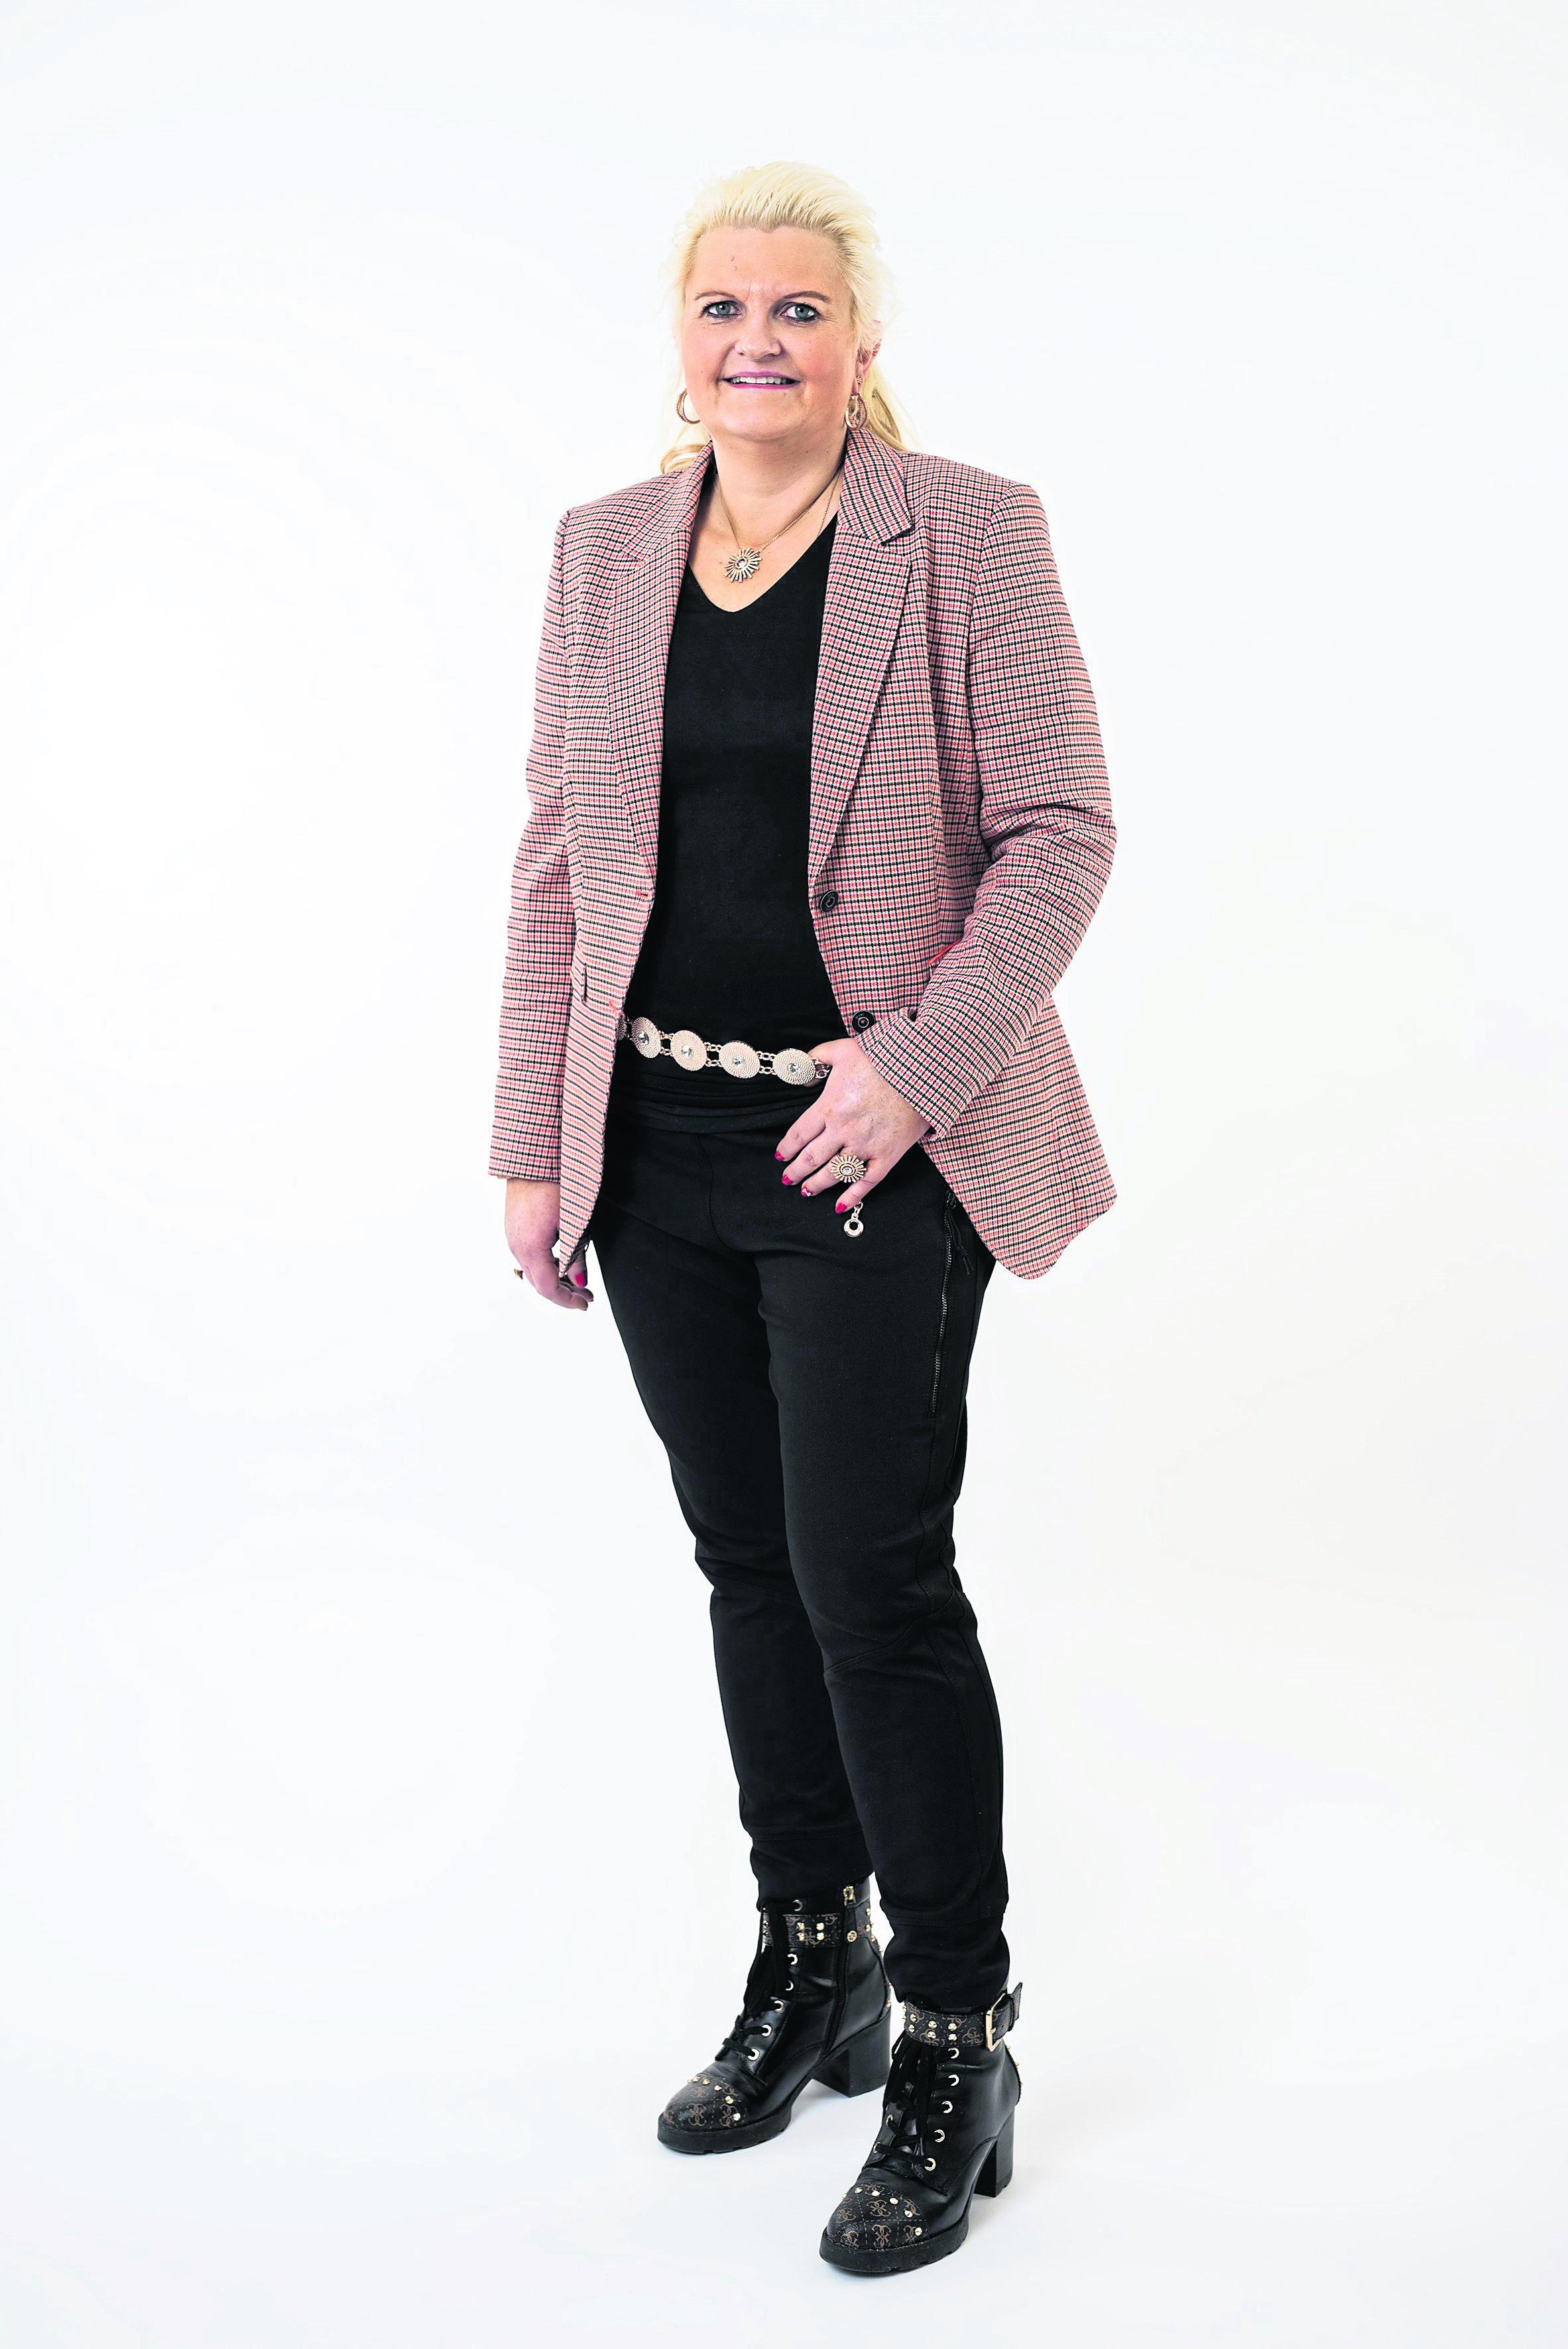 Pflegedienstleitung Sandra Buchner